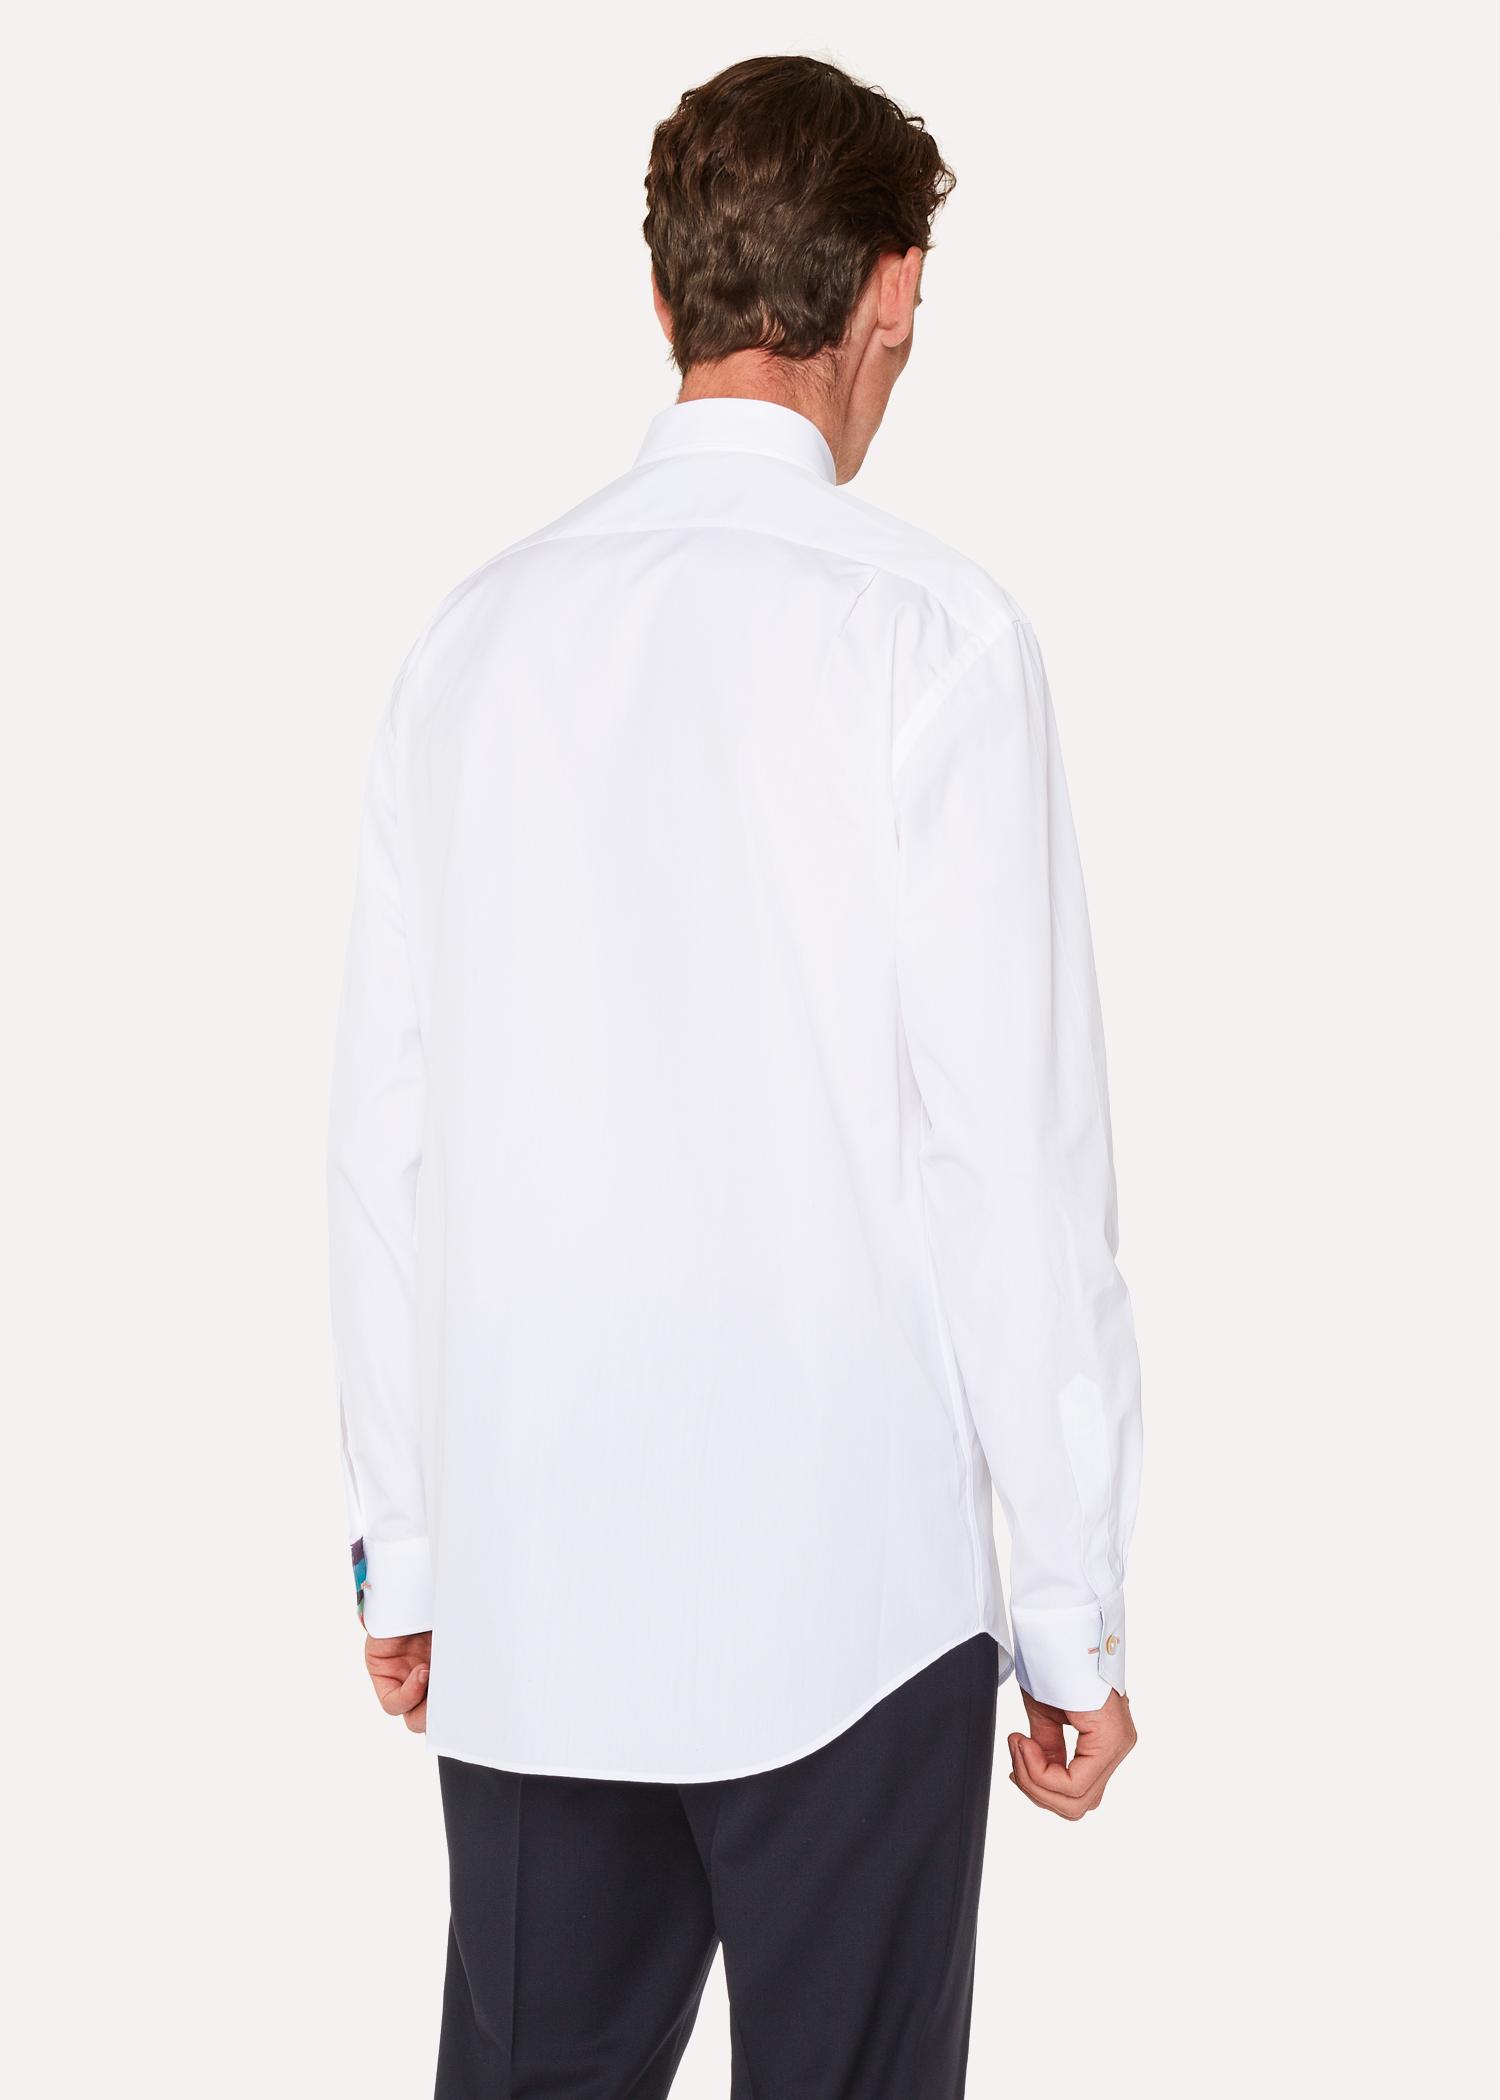 Cufflink Shirts For Men